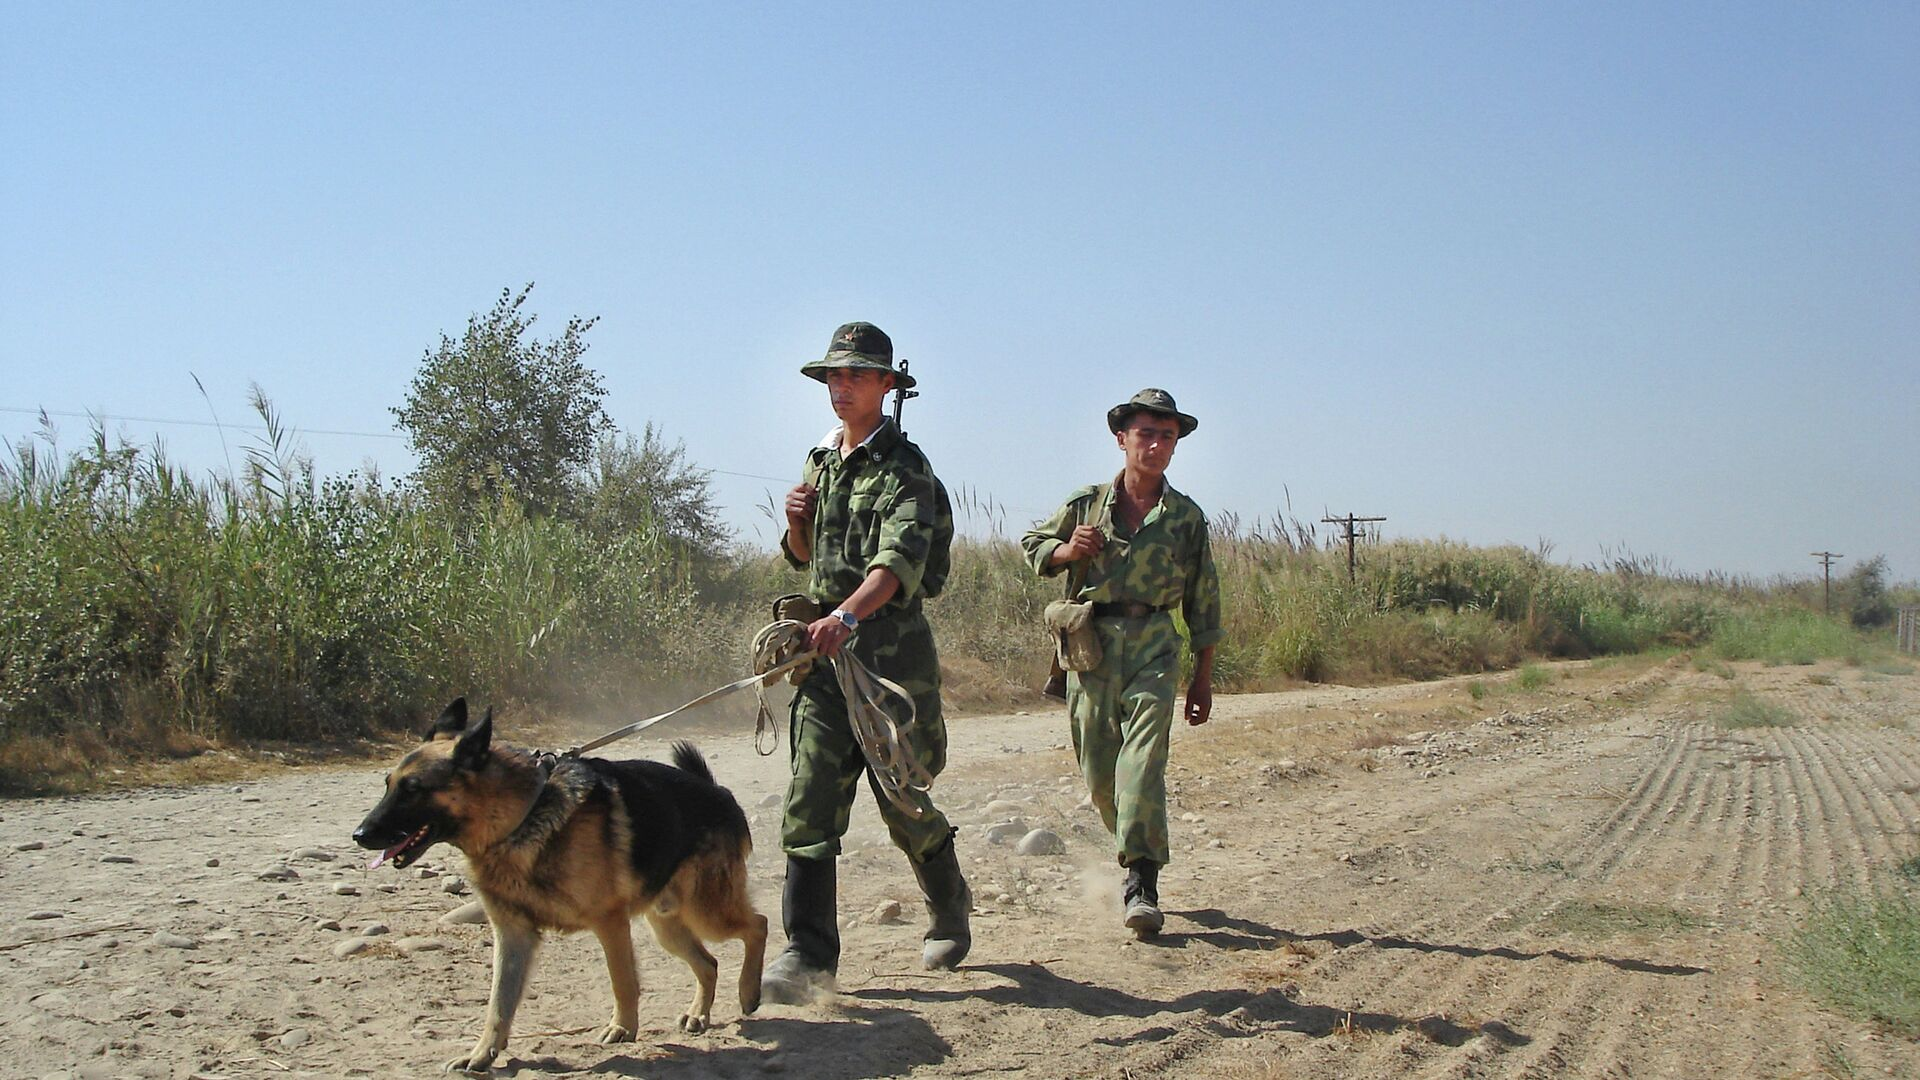 Таджикские пограничники на таджикско-афганской границе - РИА Новости, 1920, 22.07.2021